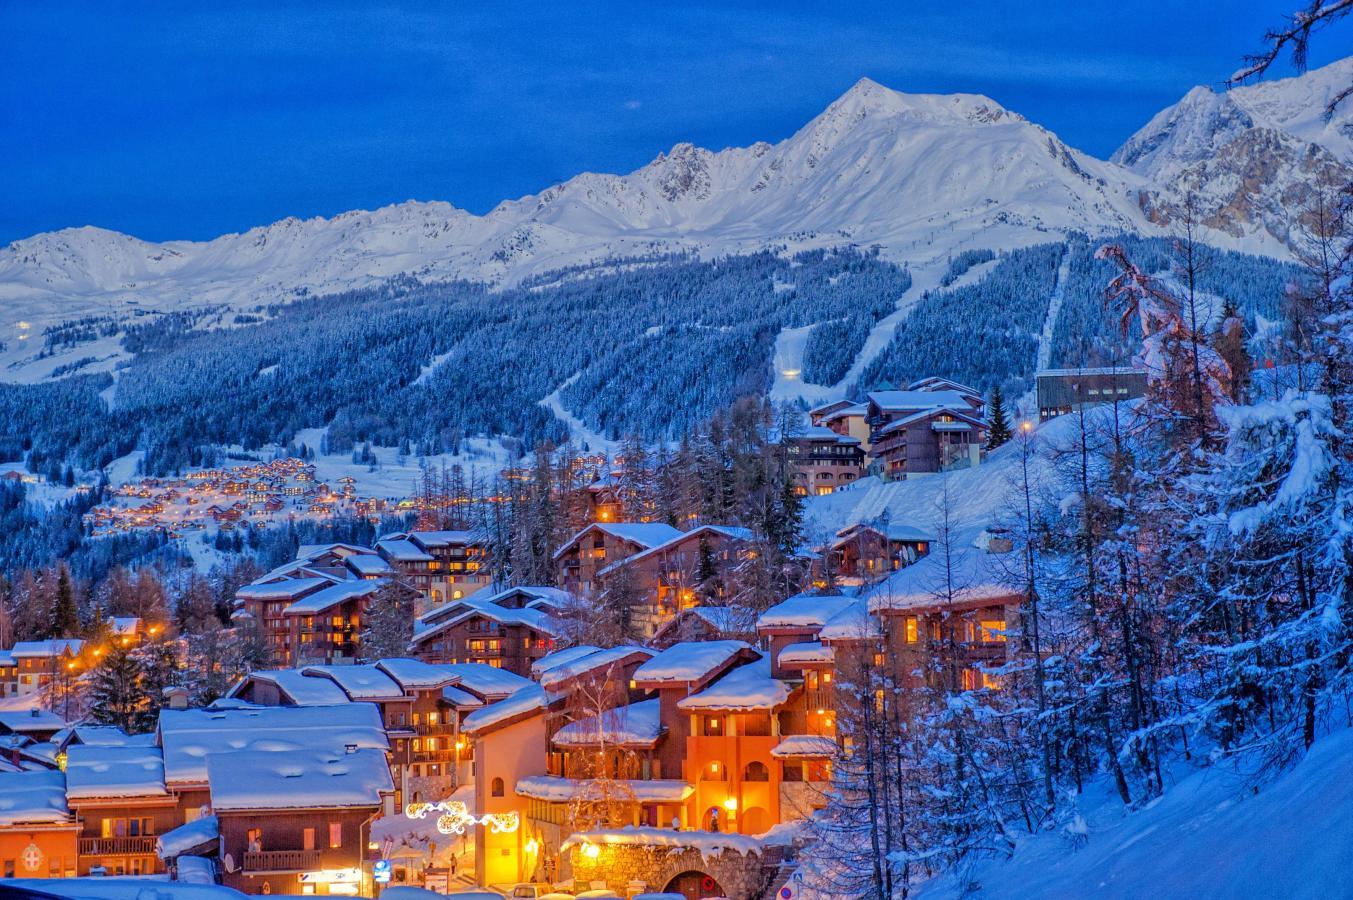 residence les chalets de wengen 20 montchavin la plagne location vacances ski montchavin